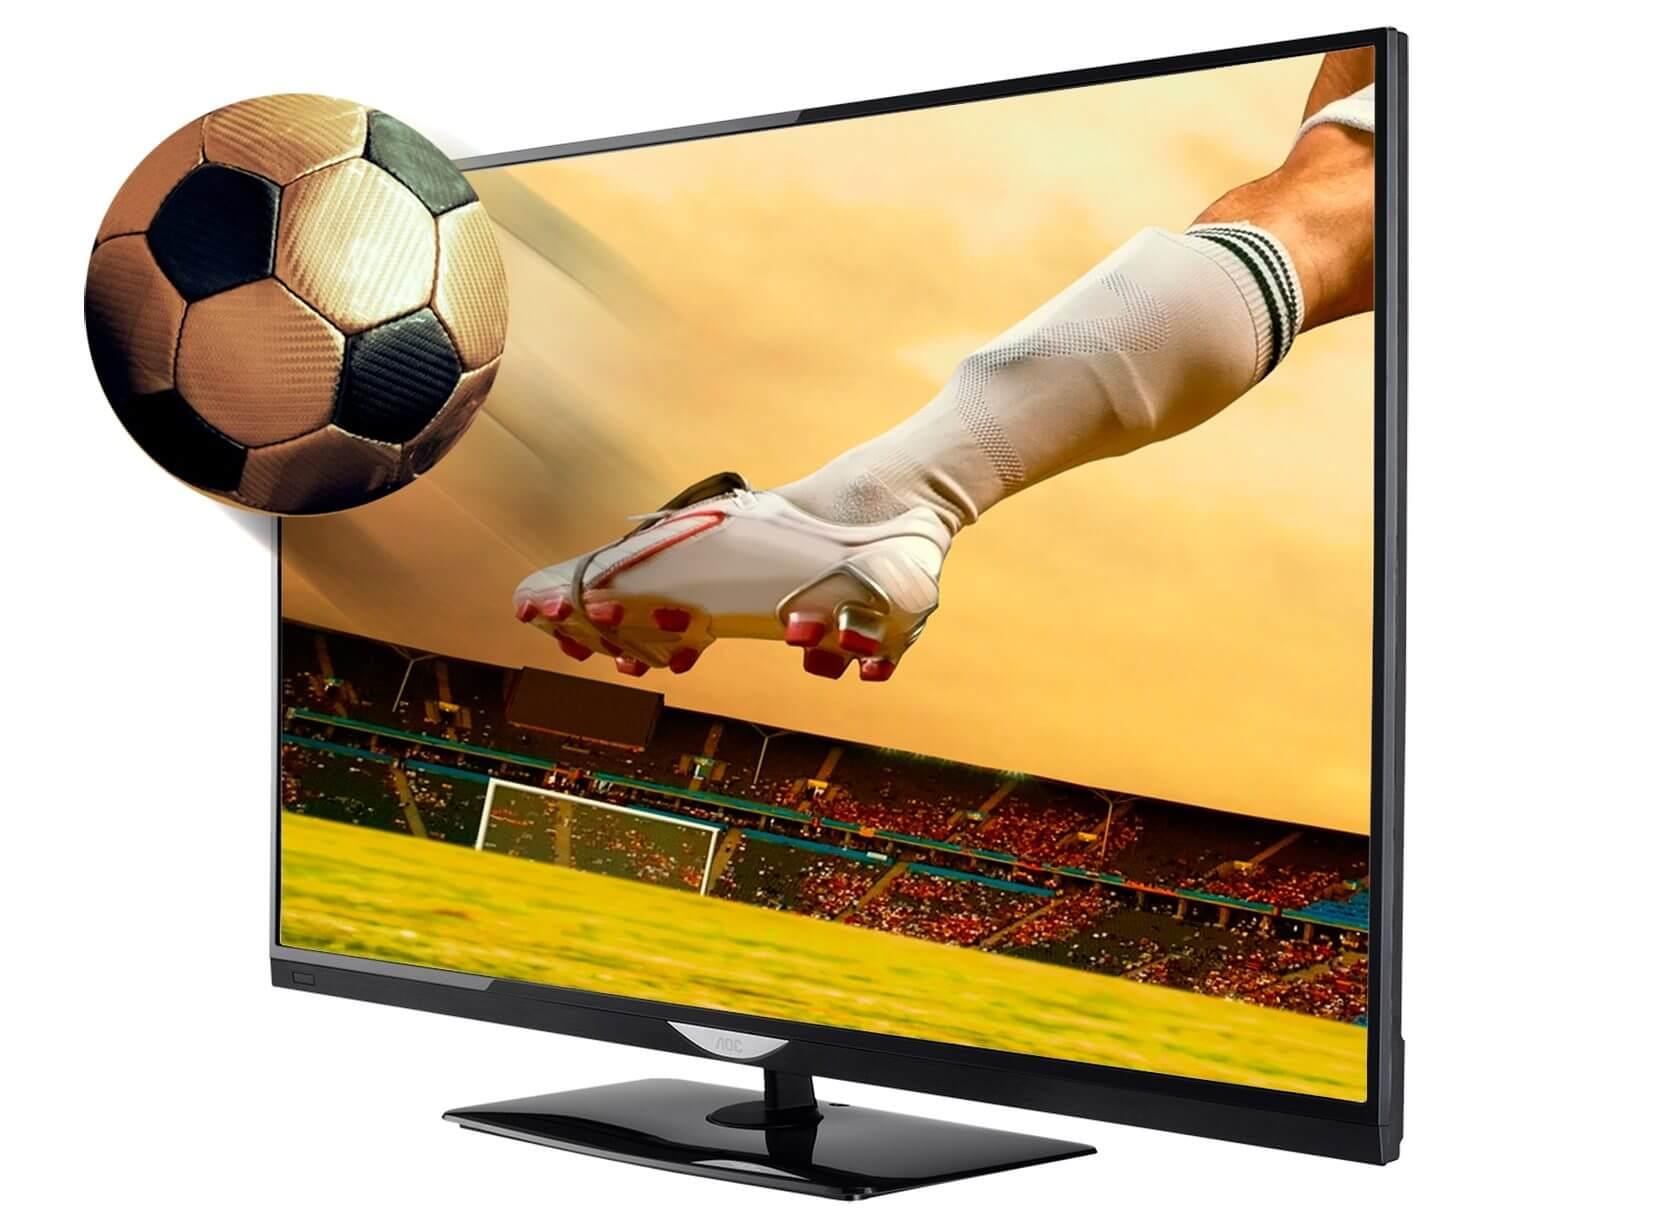 Телевизор с футболом картинки, картинки